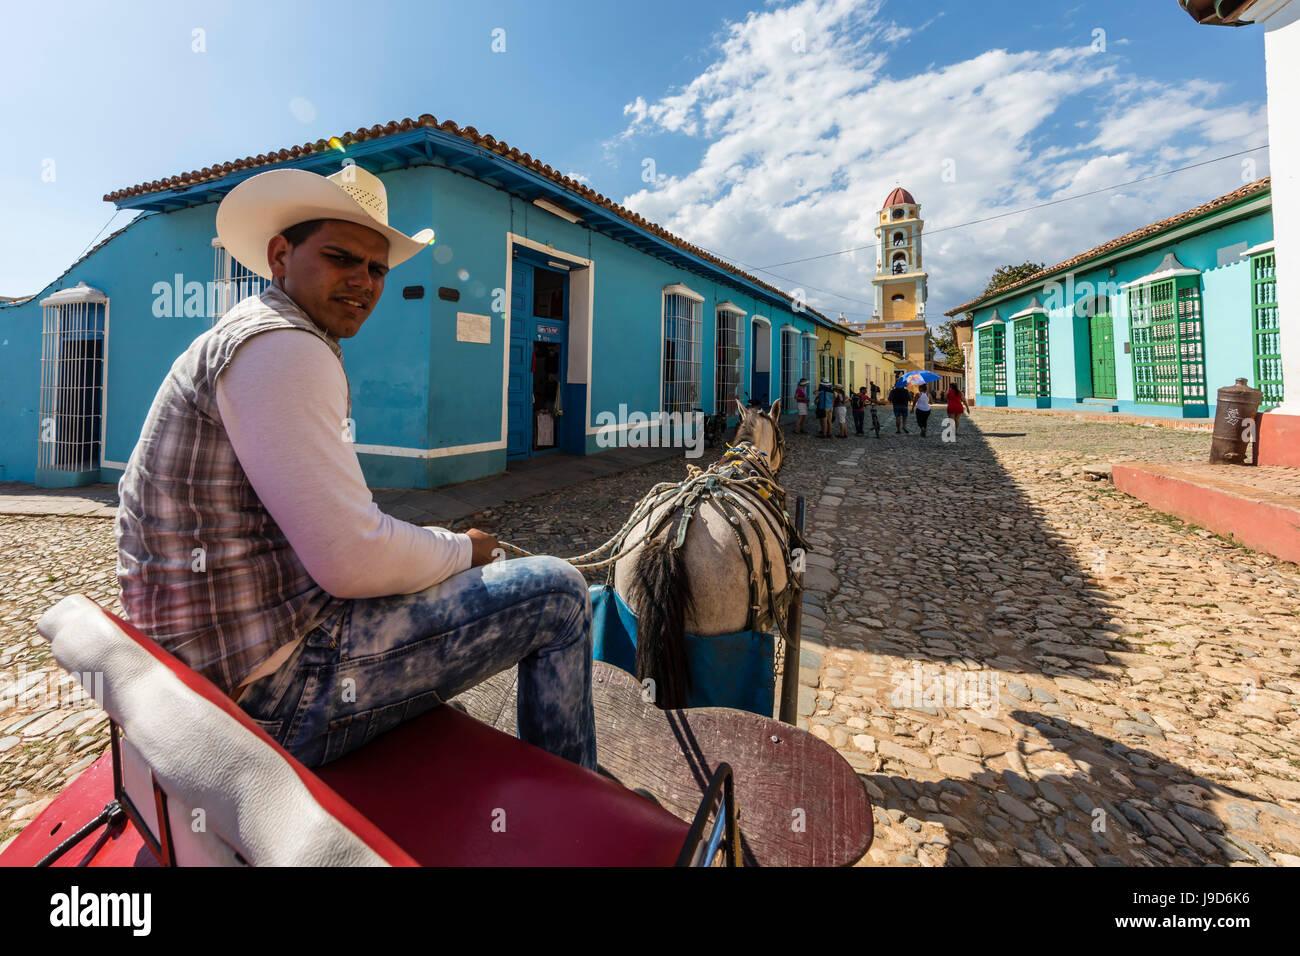 Chariot connu localement comme une coche sur la Plaza Mayor, dans la ville de Trinidad, l'UNESCO, Cuba, Antilles, Photo Stock